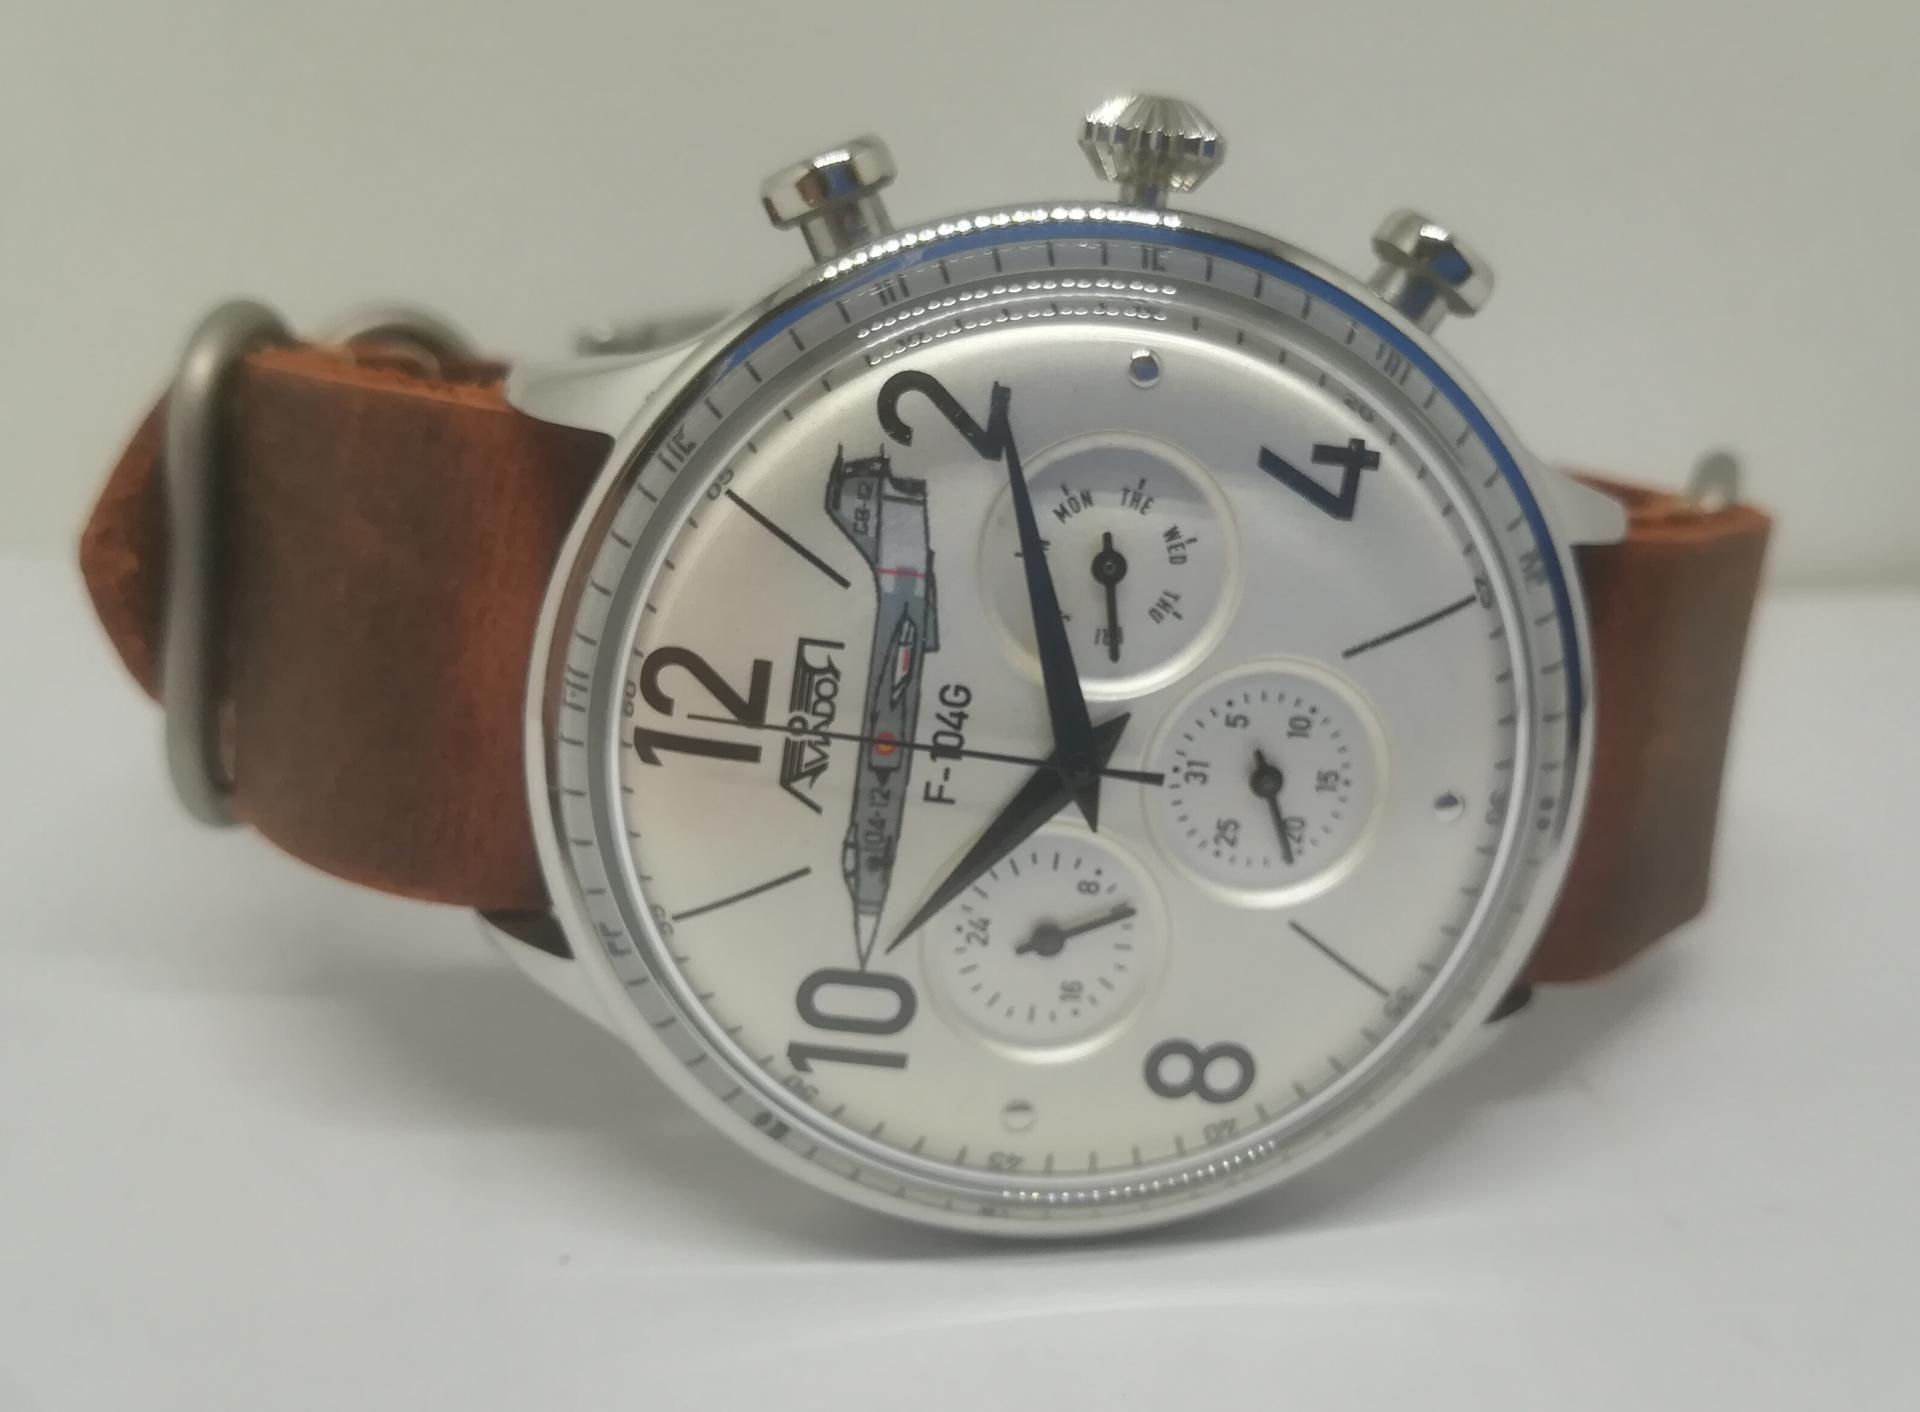 Reloj Hombre Aviador AV-1230-2-NPM  Escuadron 104